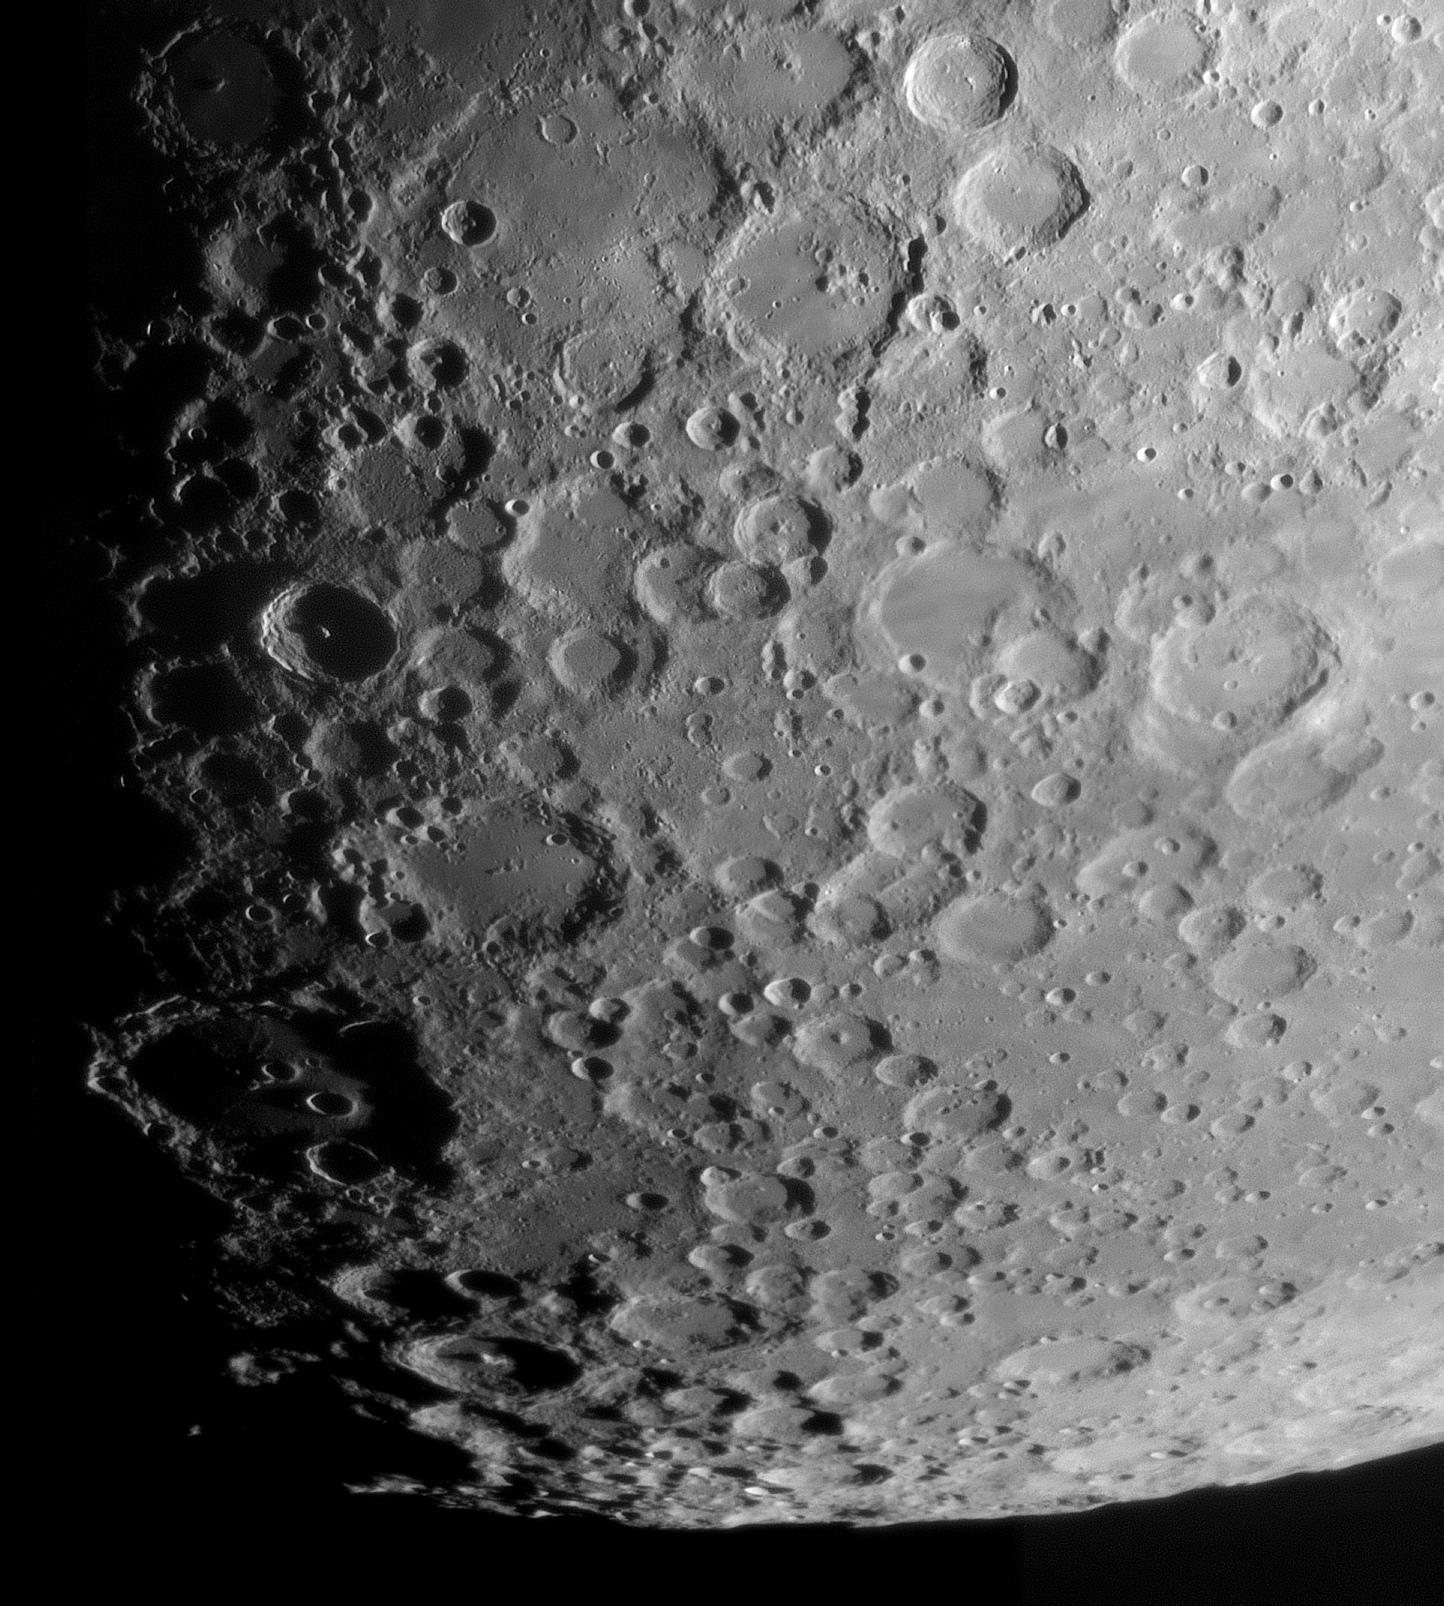 lune200221.jpg.d9969e1d9d0e401548686635d1107187.jpg